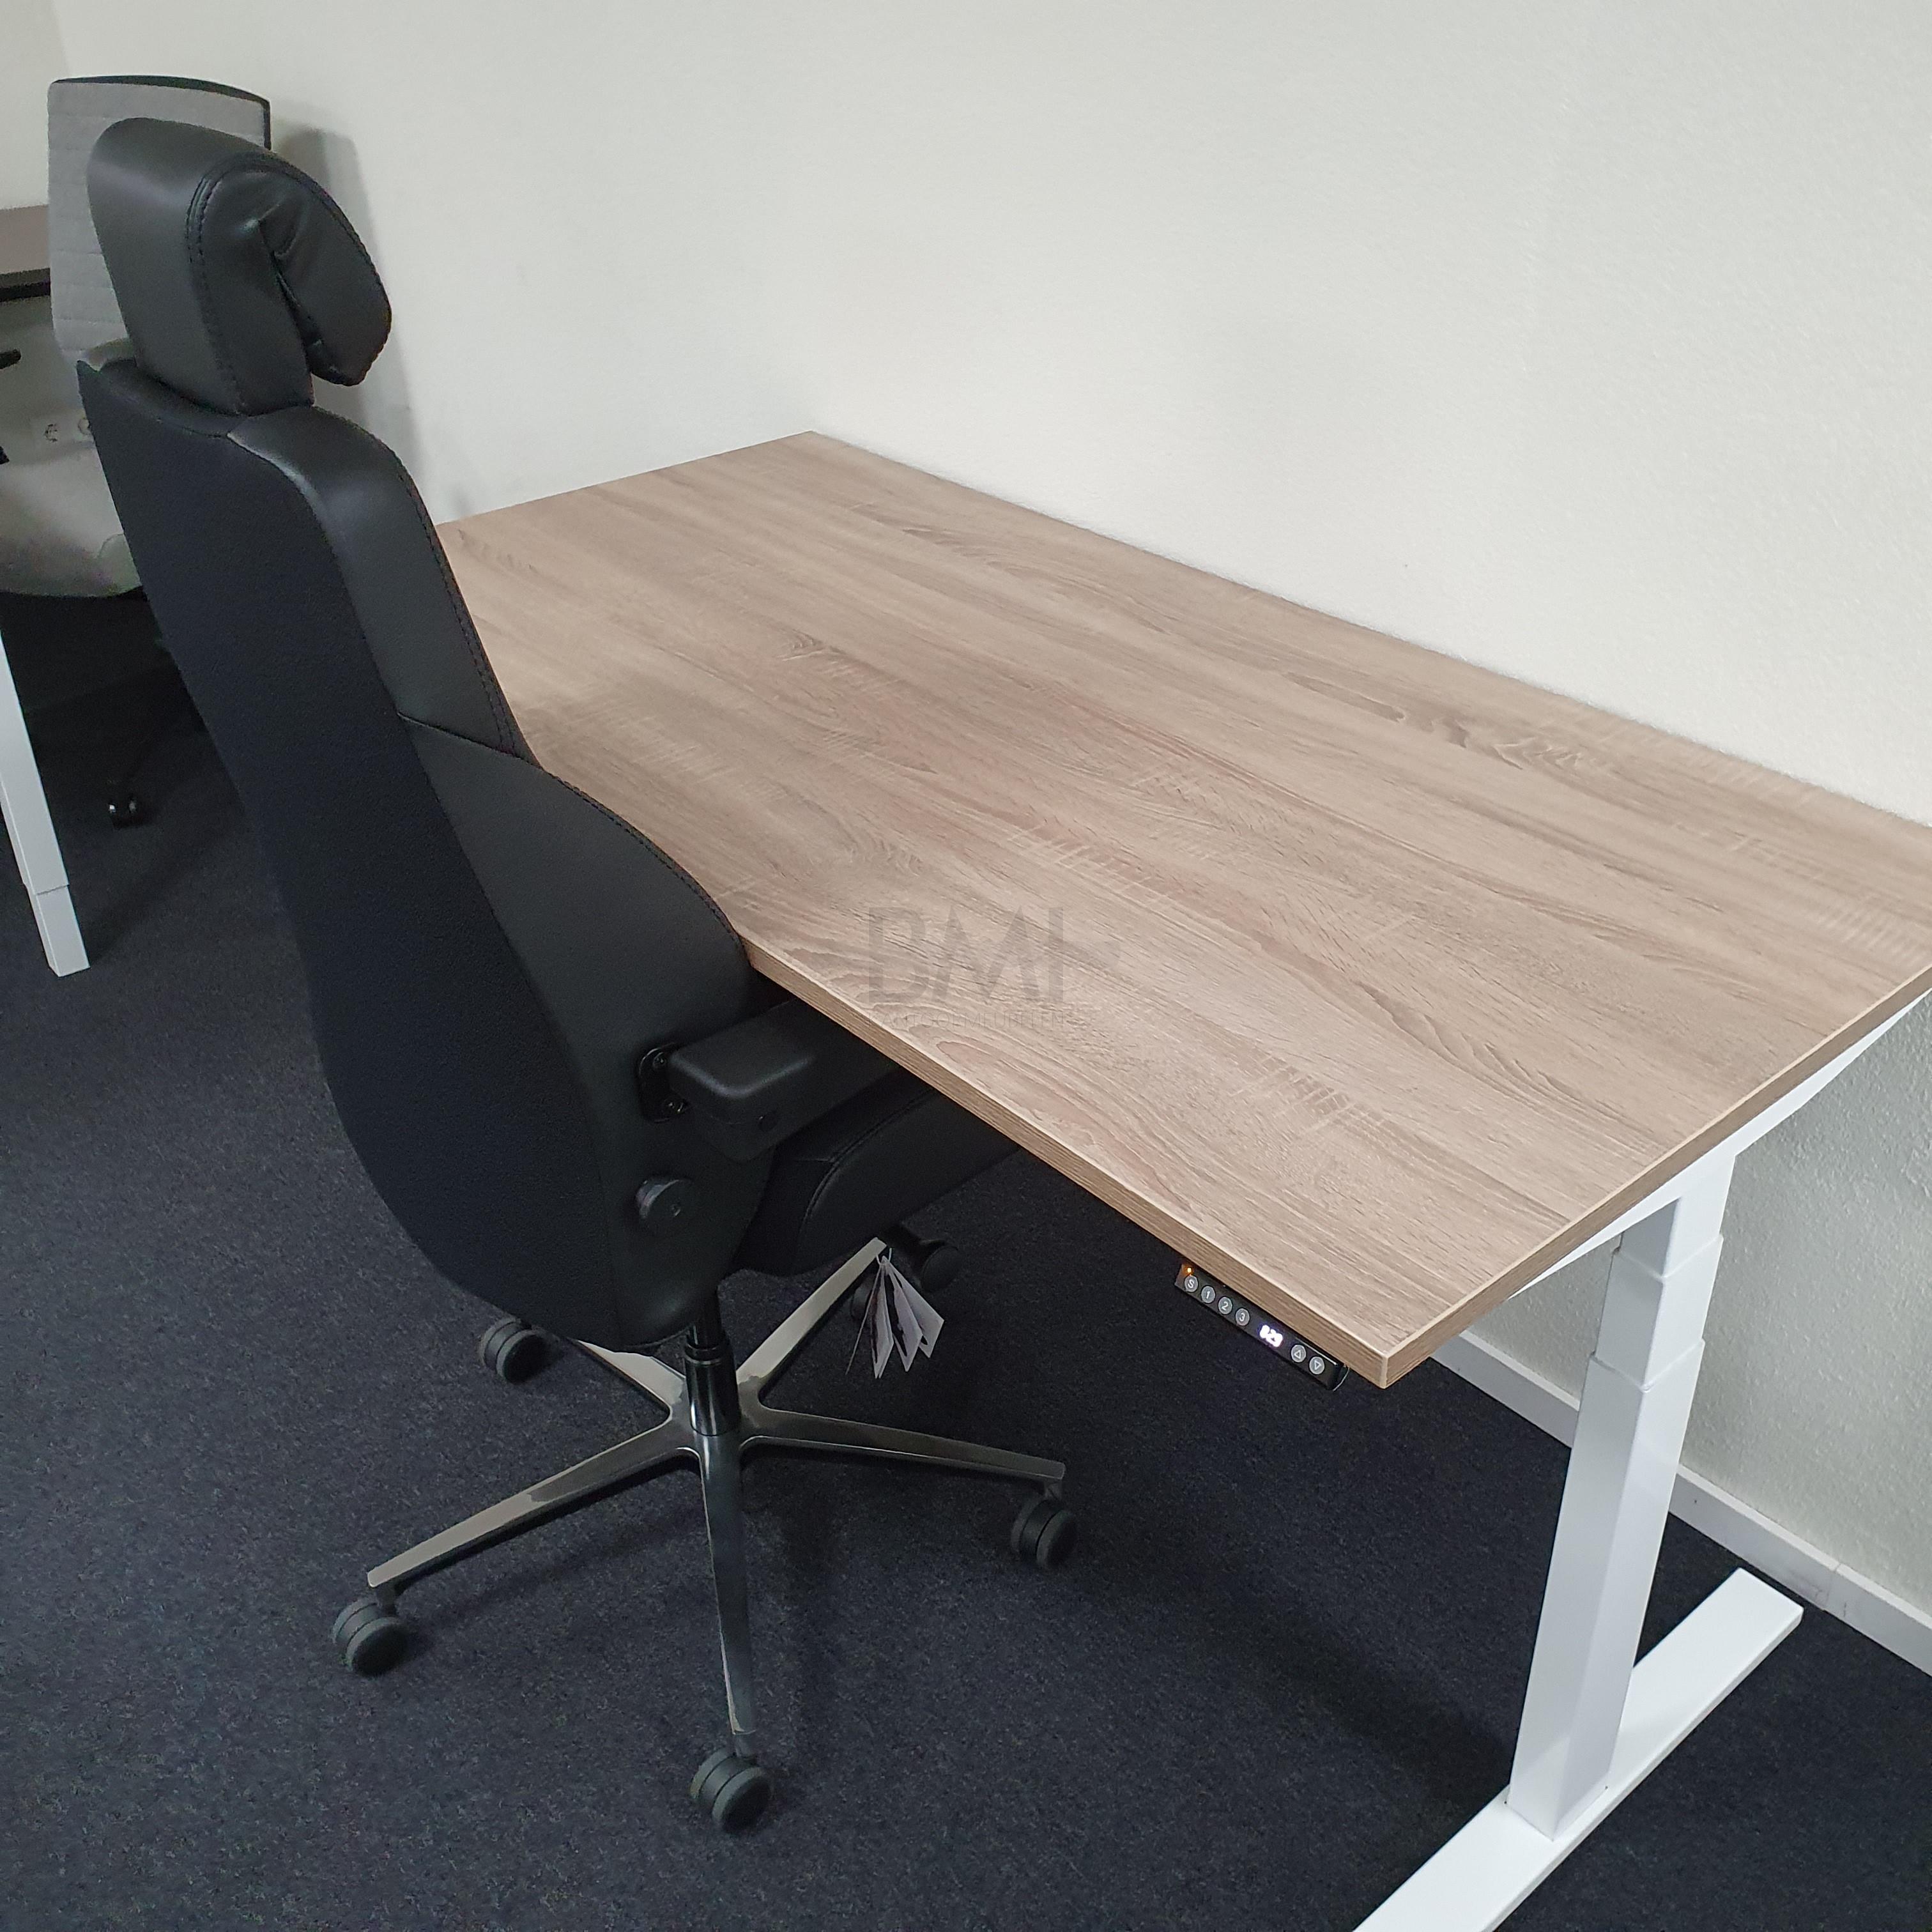 Bureau basic zit/sta elektrisch verstelbaar(showroom model)